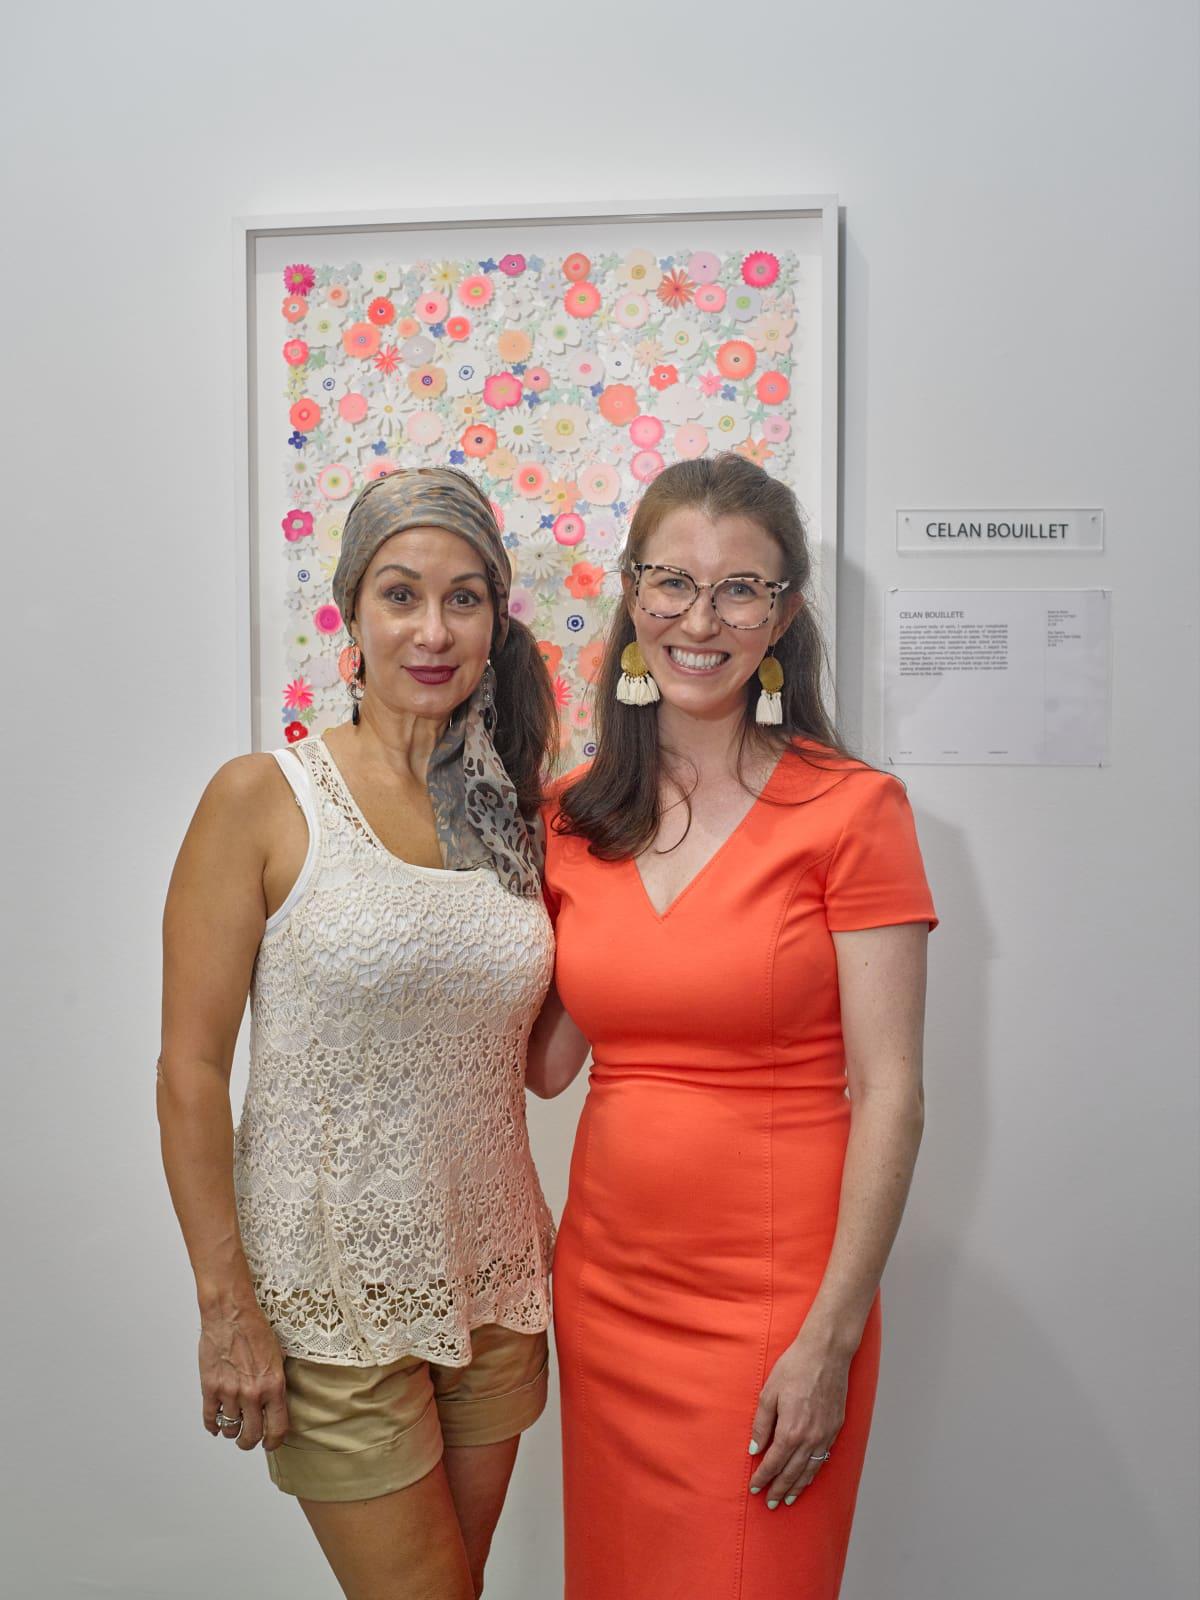 Linda Robicheaux, Celan Bouillet at Sawyer Yards Artist Stroll